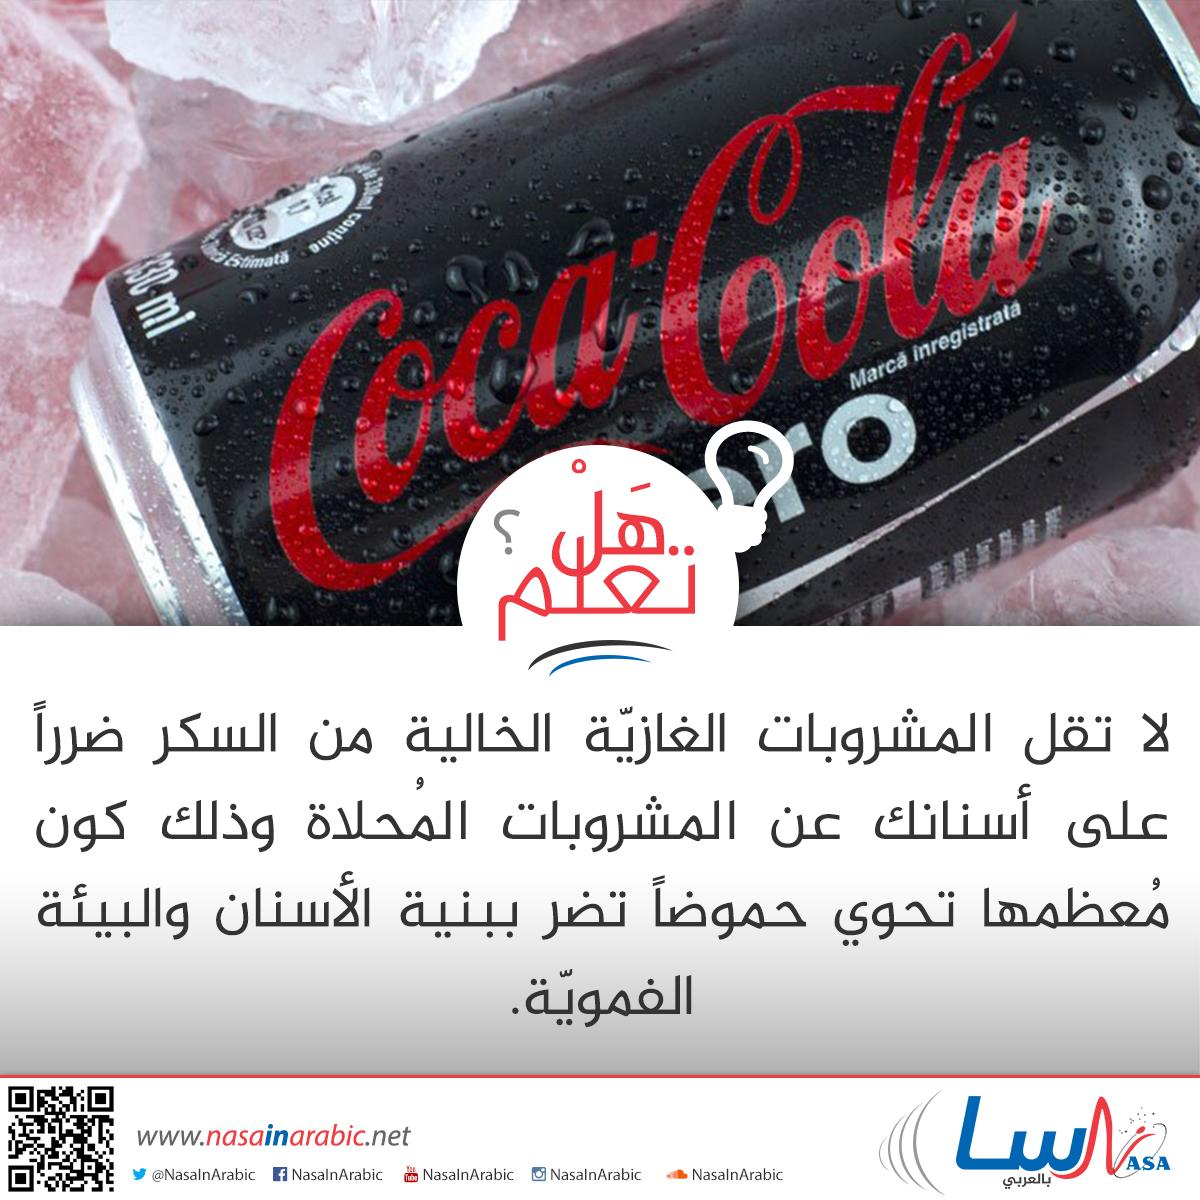 المشروبات الغازية الخالية من السكر أيضاً تضر أسنانك!